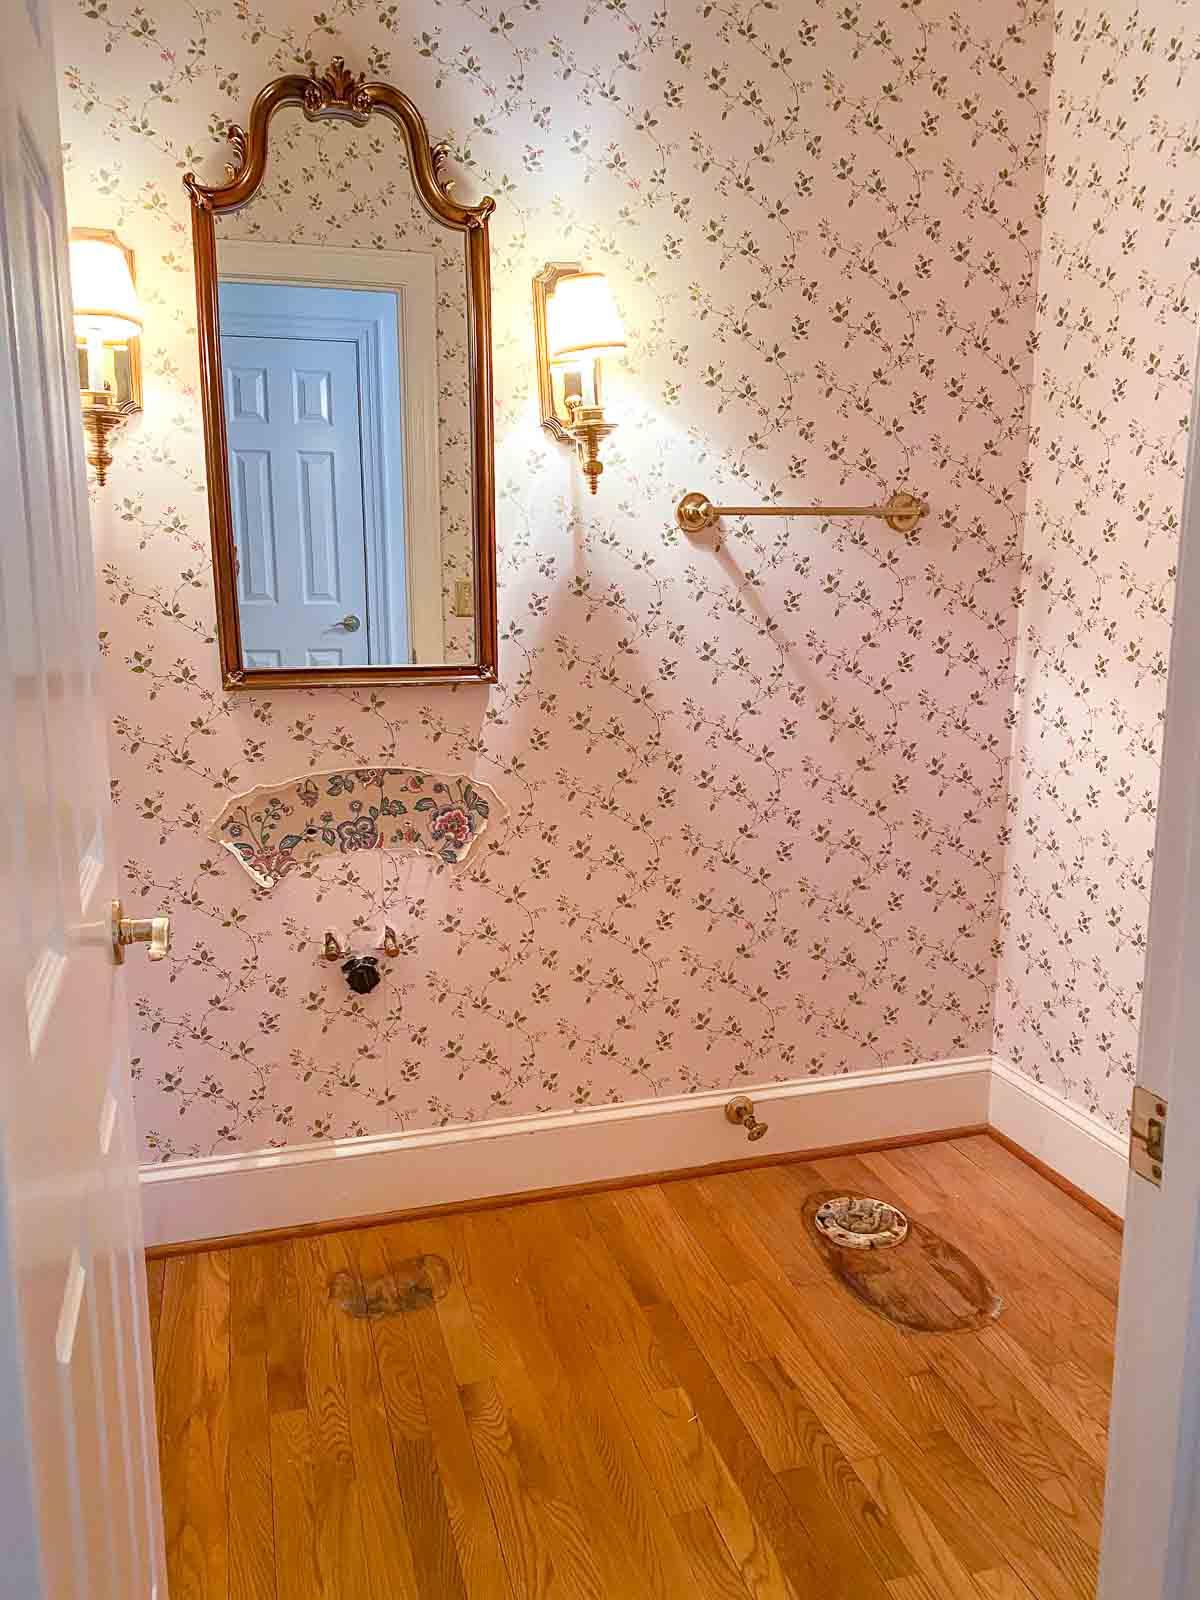 Bathroom prep for our hardwood floor refinishing